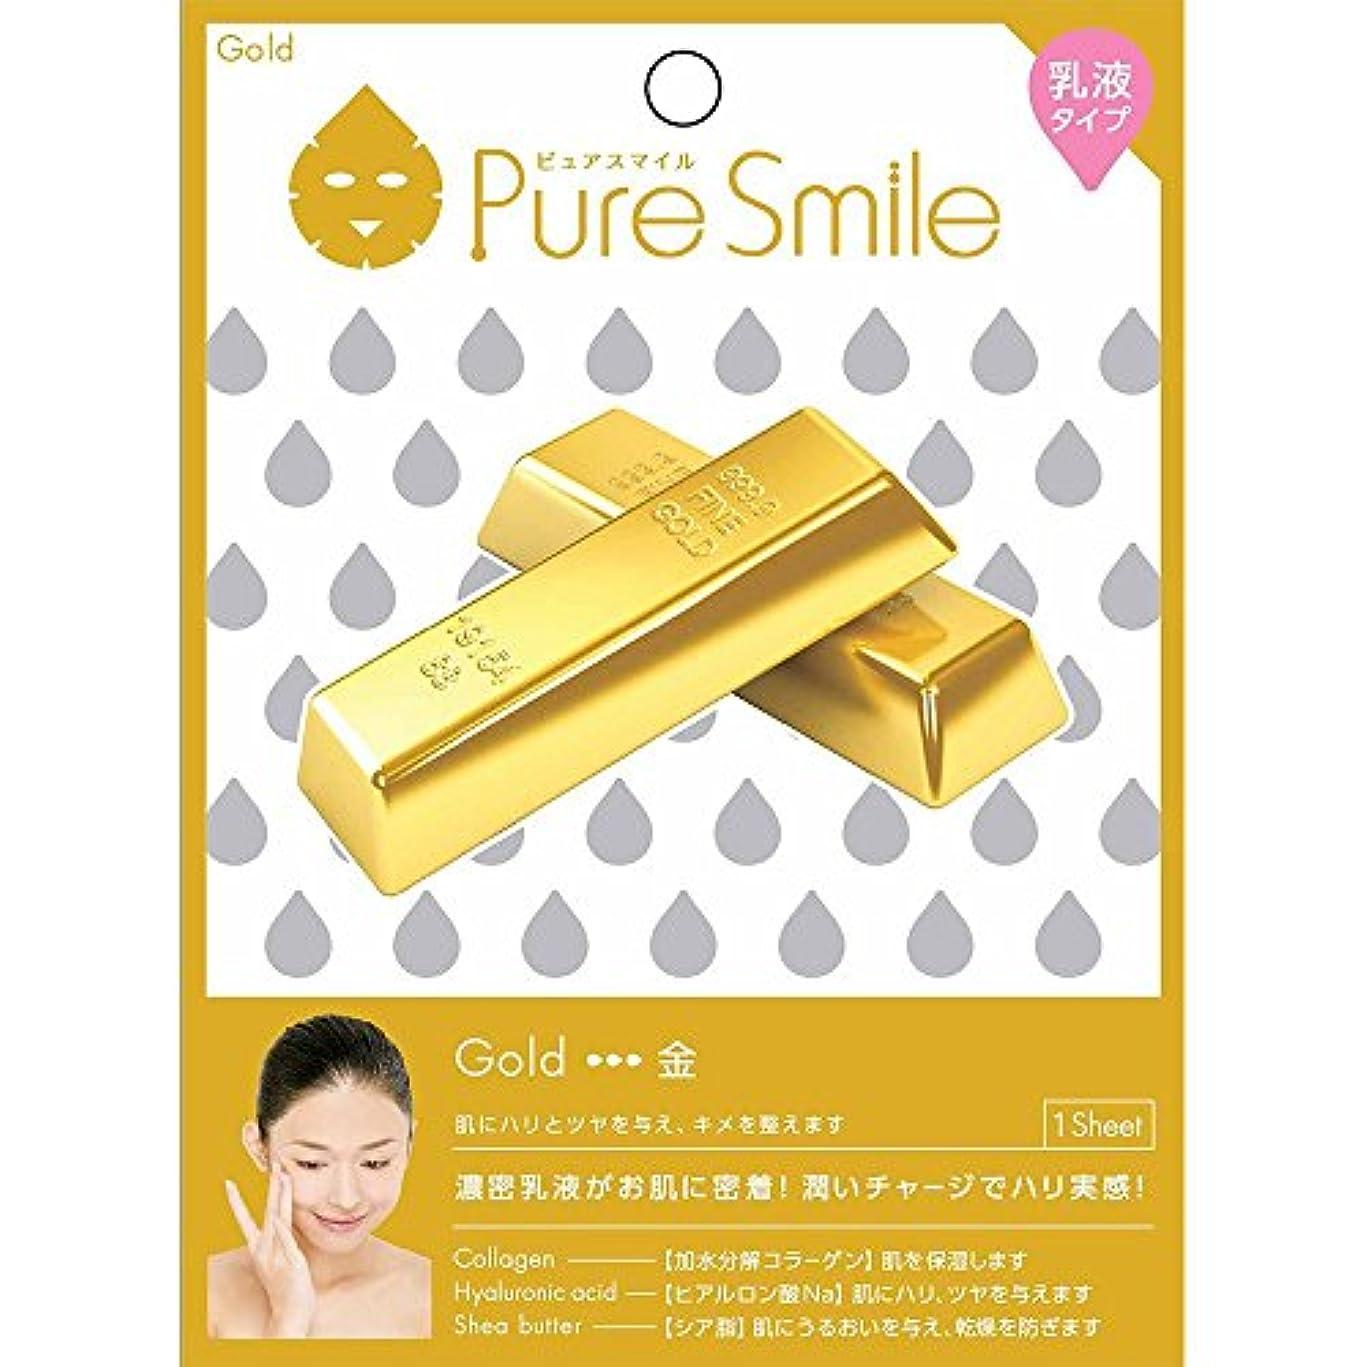 半円城走るPure Smile(ピュアスマイル) 乳液エッセンスマスク 1 枚 金